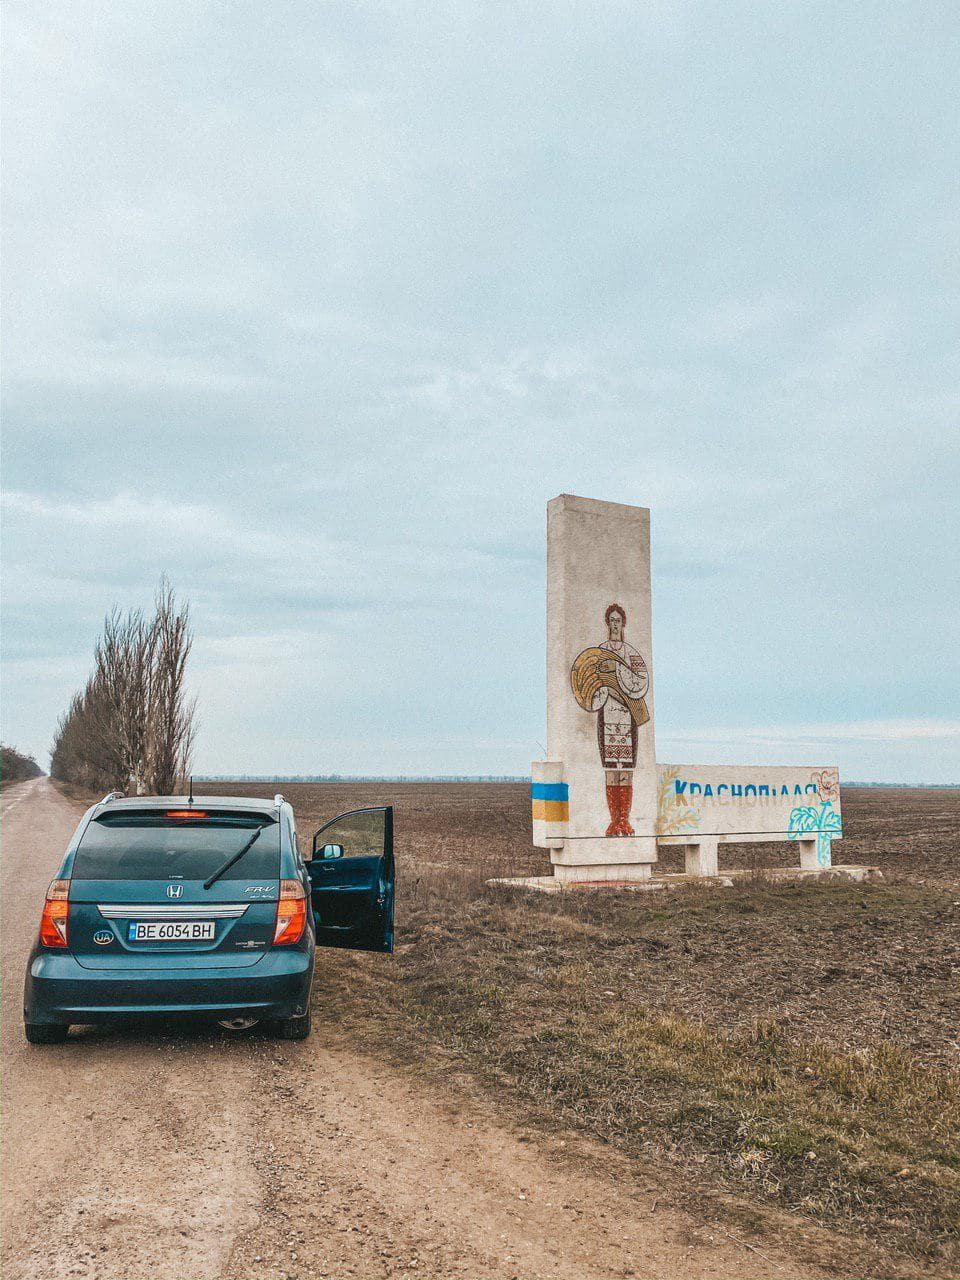 Село Краснополье – бывшая немецкая колония Блюменфельд (Blumenfeld, позже с.Цветково)